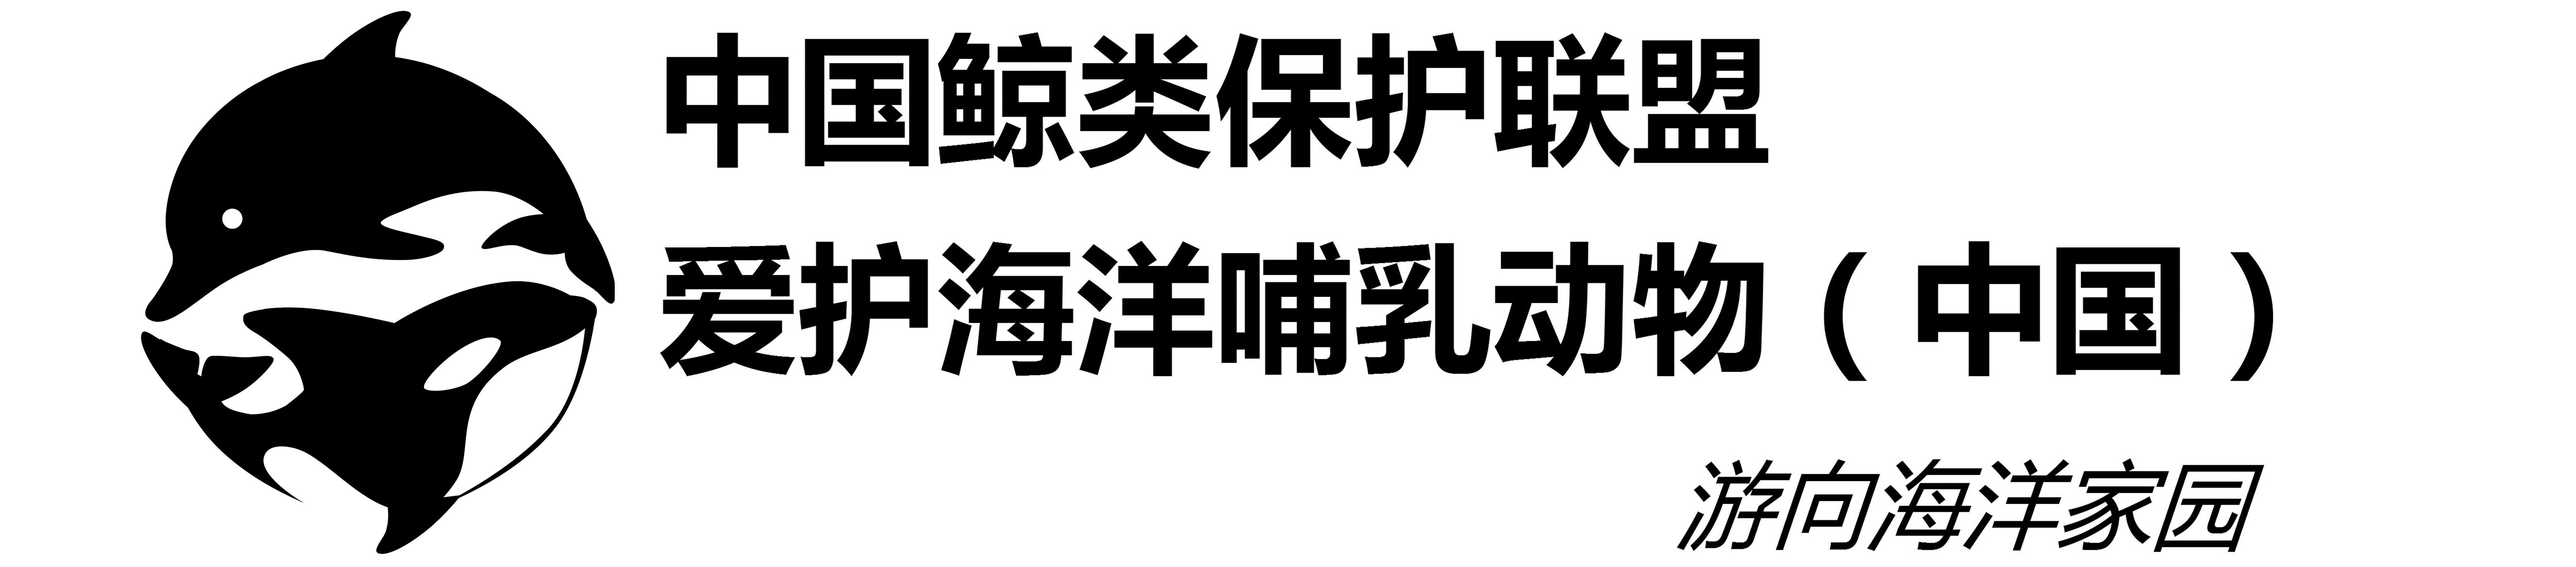 中国鲸类保护联盟